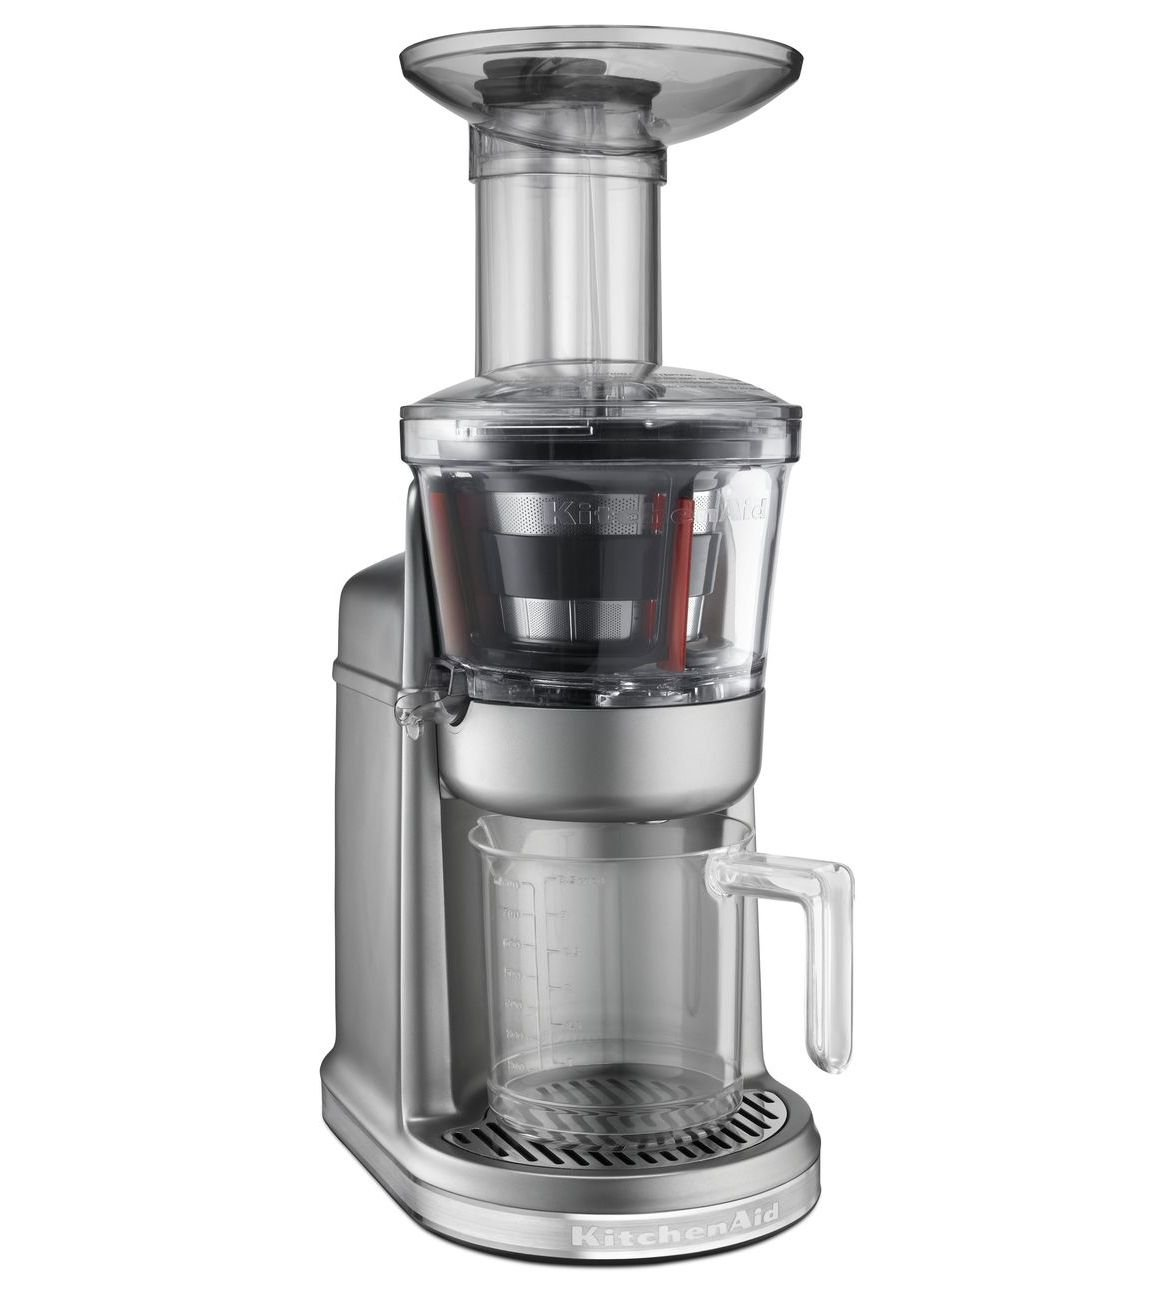 KitchenAid 5KVJ0111 Juice extractor 250W Grey - juice makers (Juice extractor, Grey, 50/60 Hz, Meta